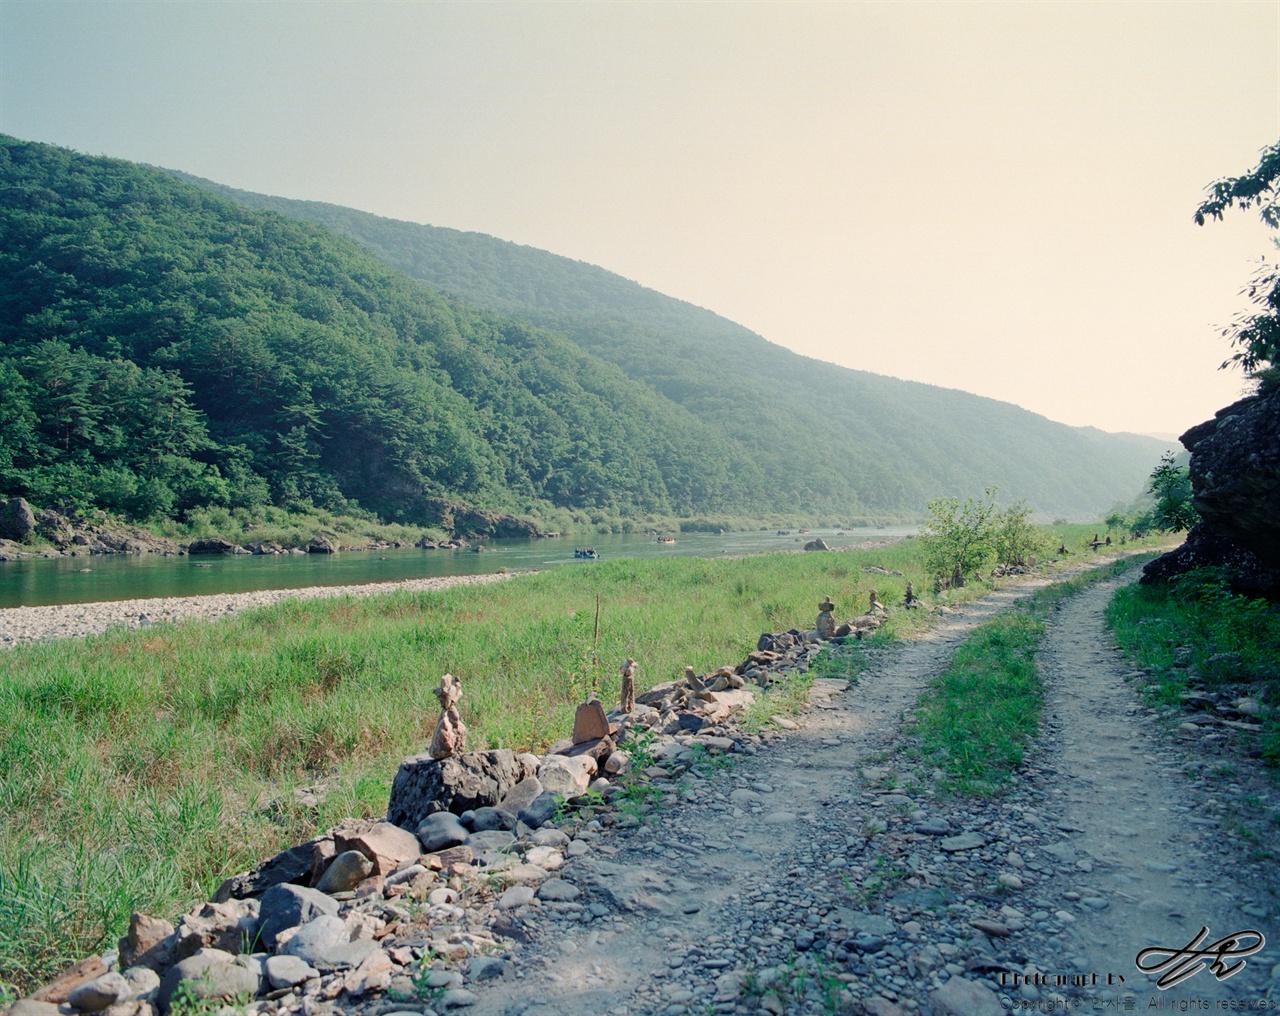 돌아가는 길 (6*7중형/Ektar100)길 옆으로 작은 돌들이 가지런히 쌓여있다.